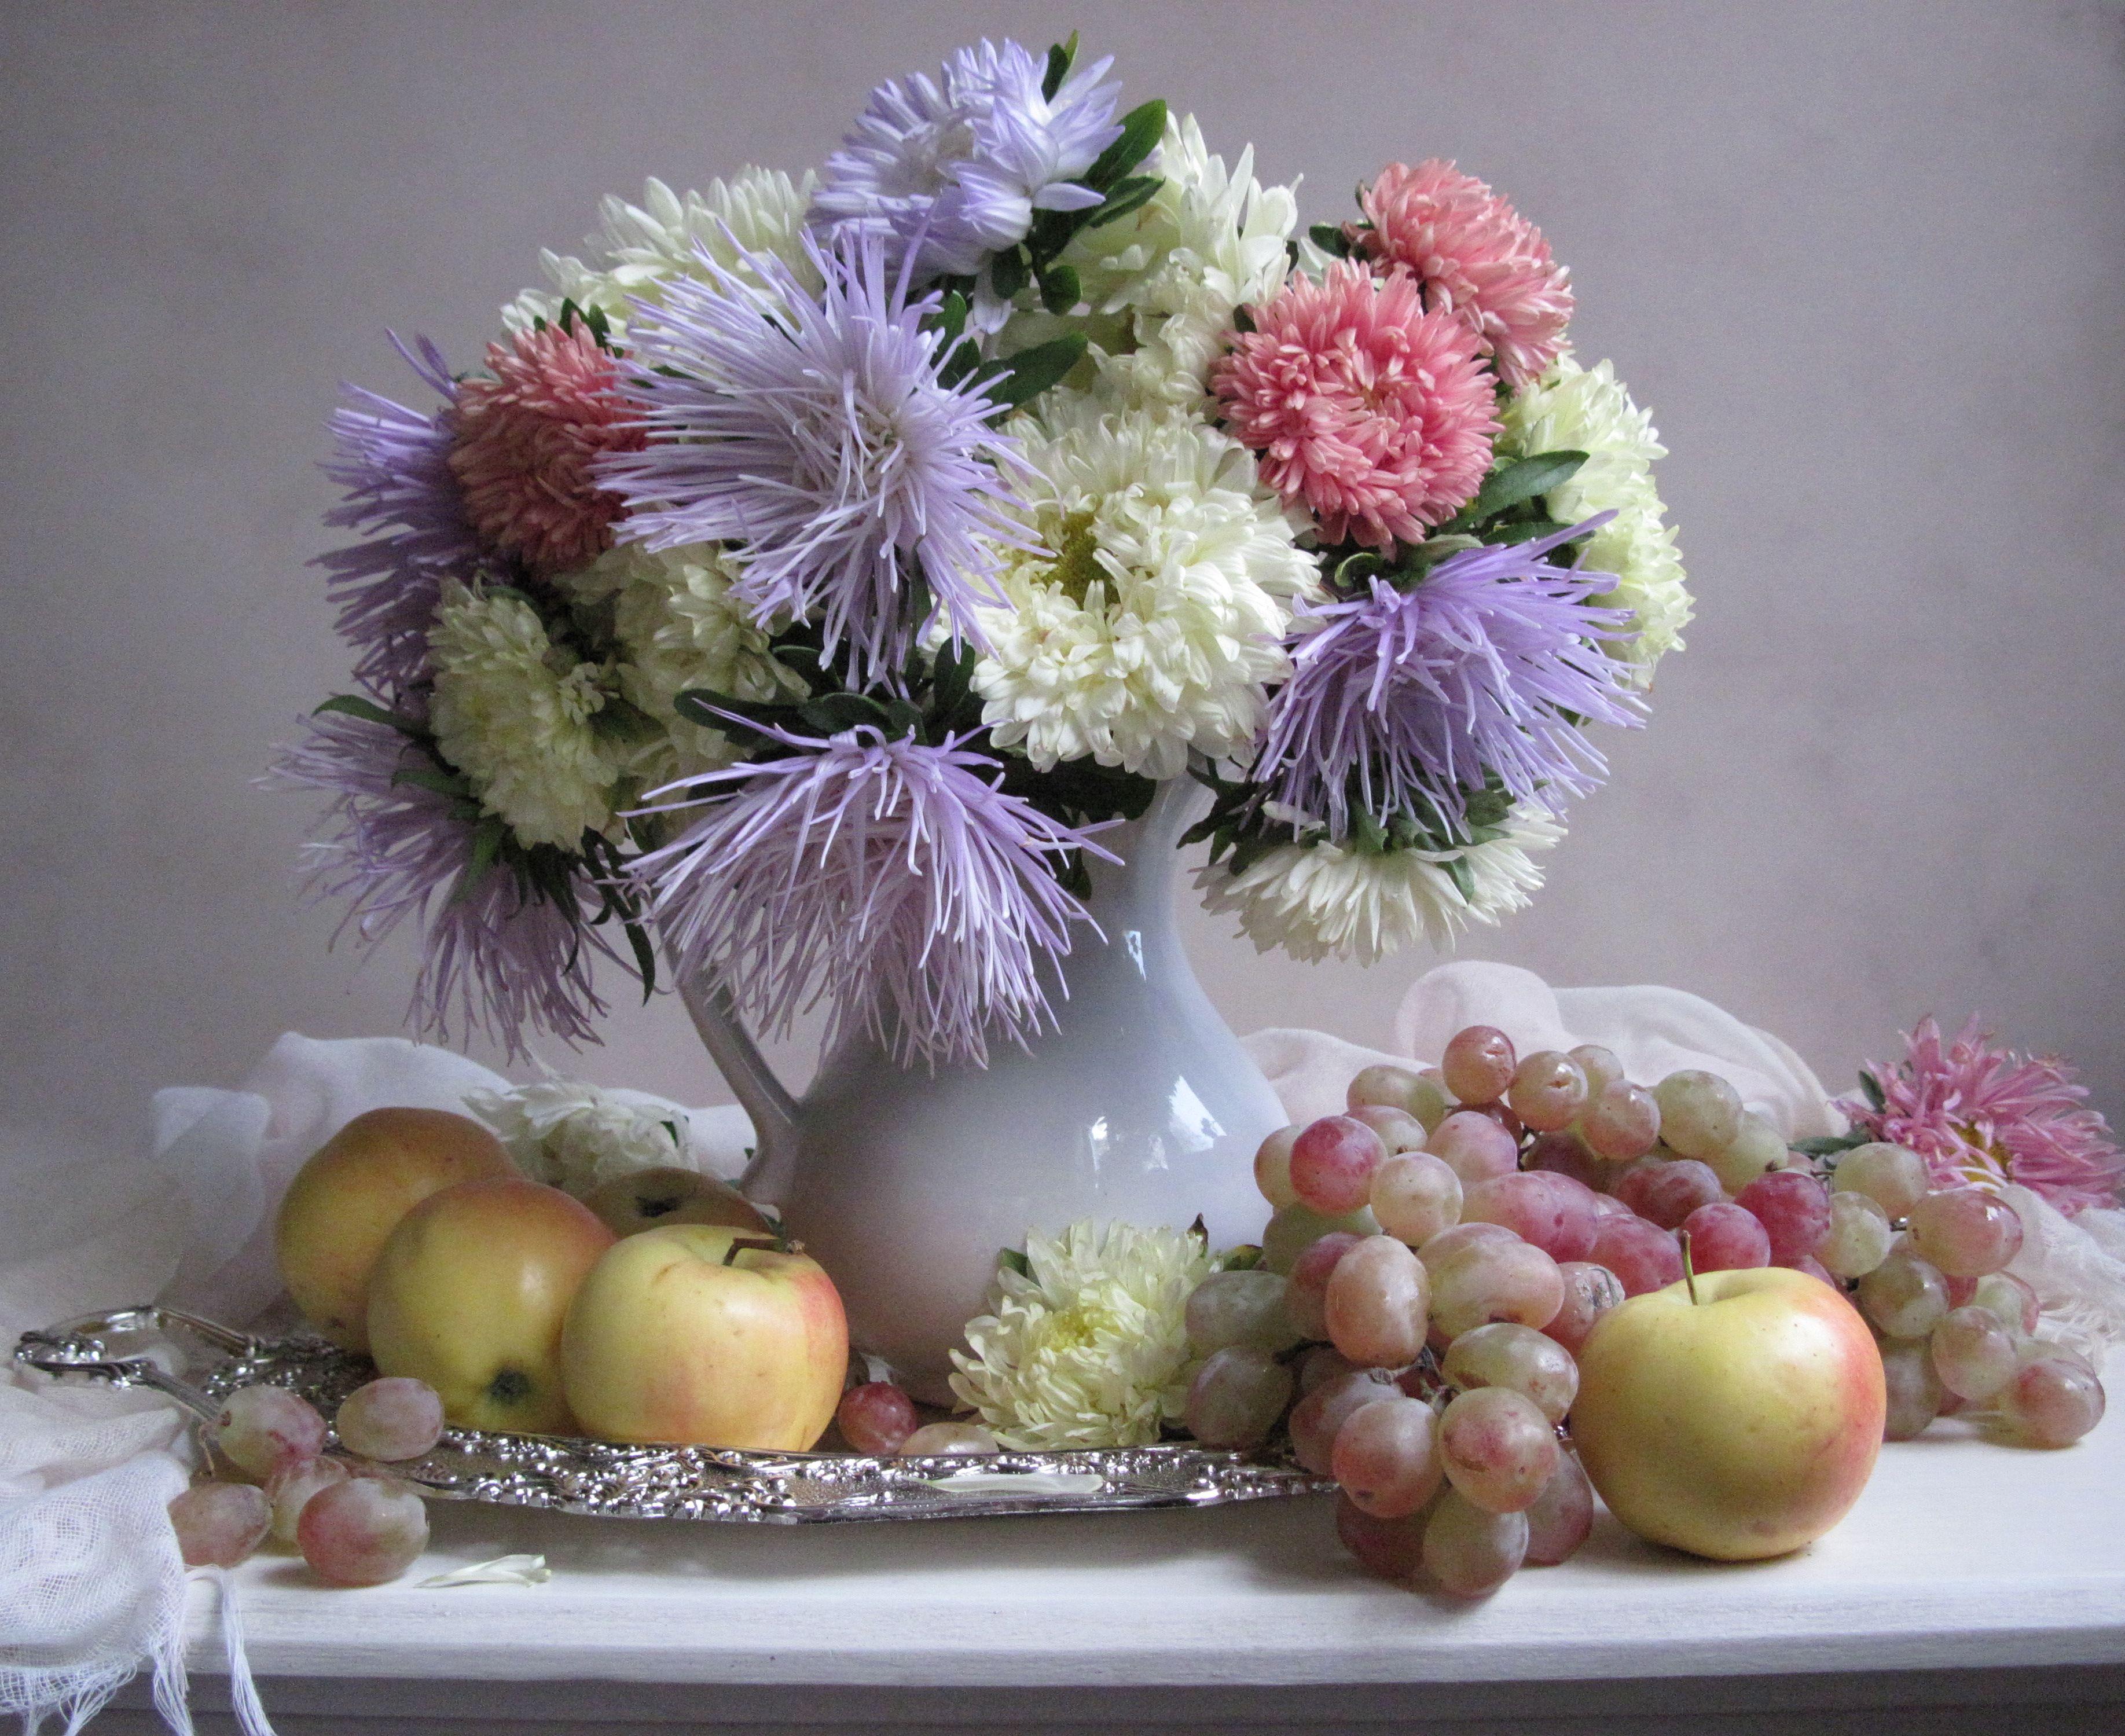 цветы, букет, астры, кувшин, фарфор, поднос, фрукты, виноград, яблоки, Тихомирова Наталия